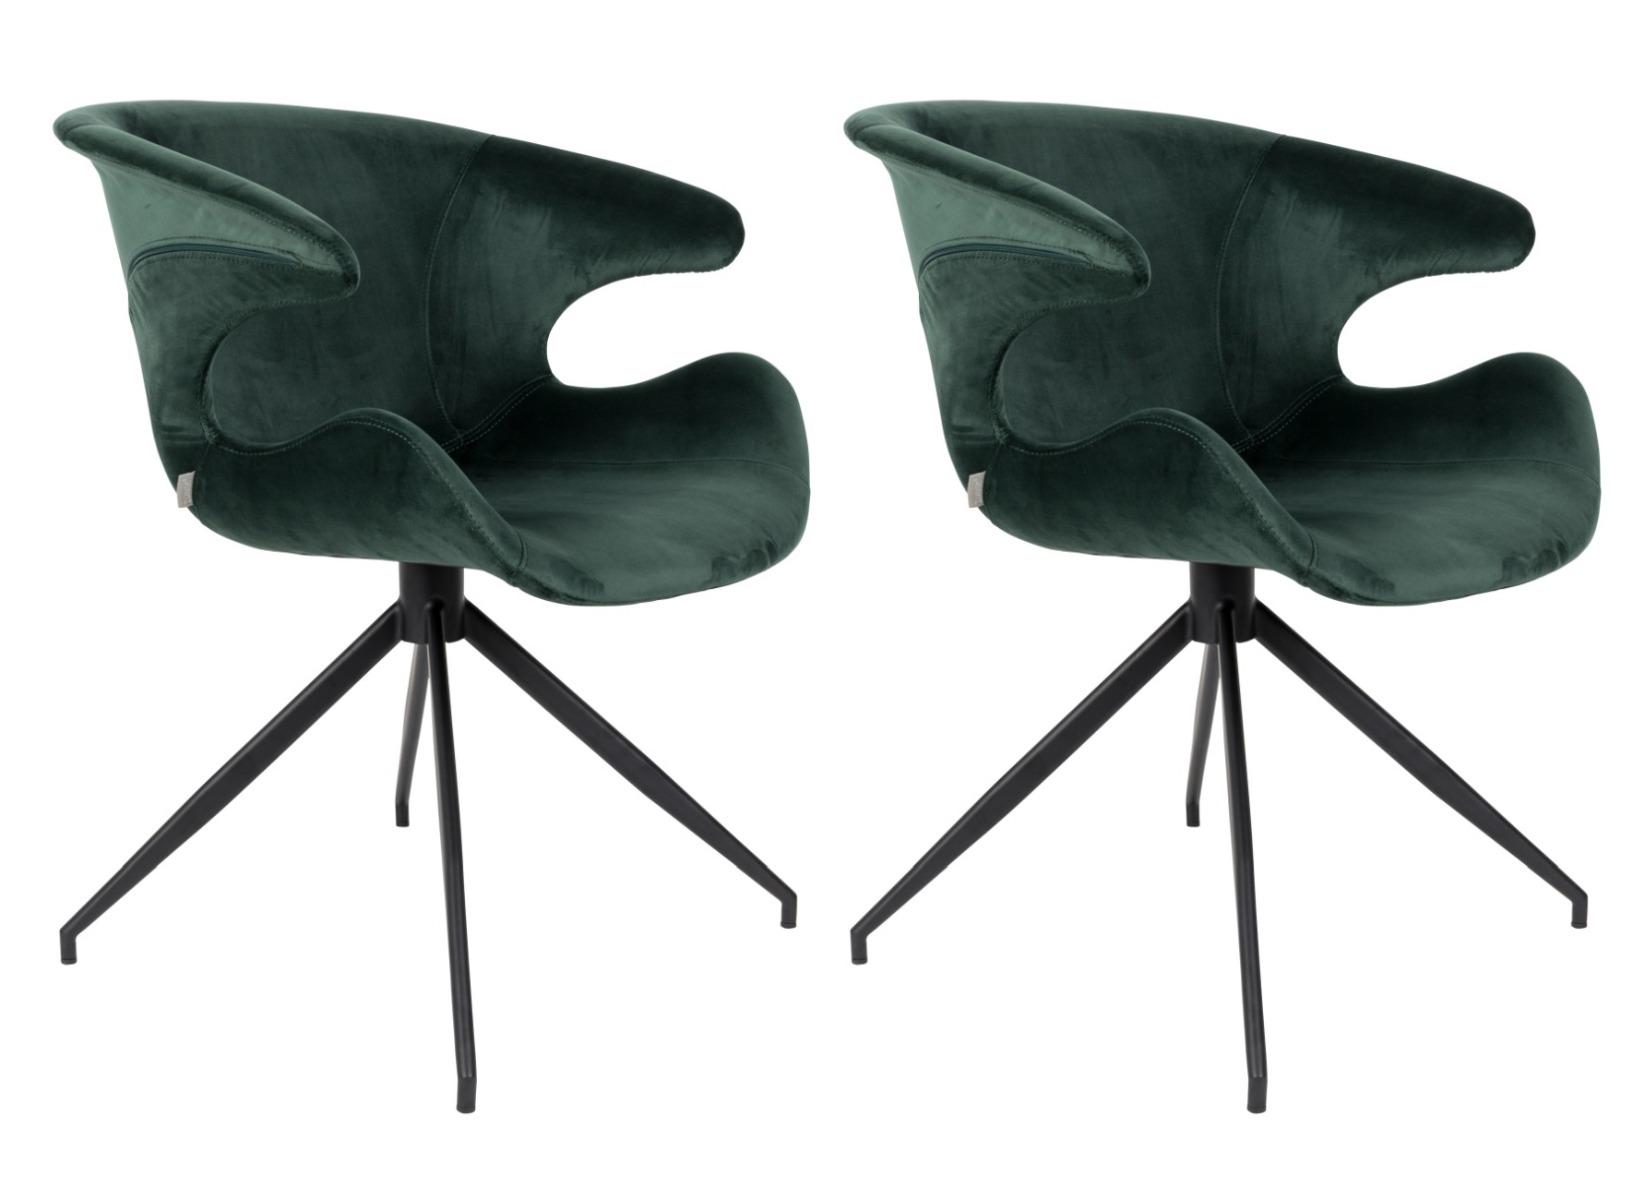 Zuiver Mia Stoel - Set Van 2 - Fluweel Groen - Zwart Metalen Onderstel